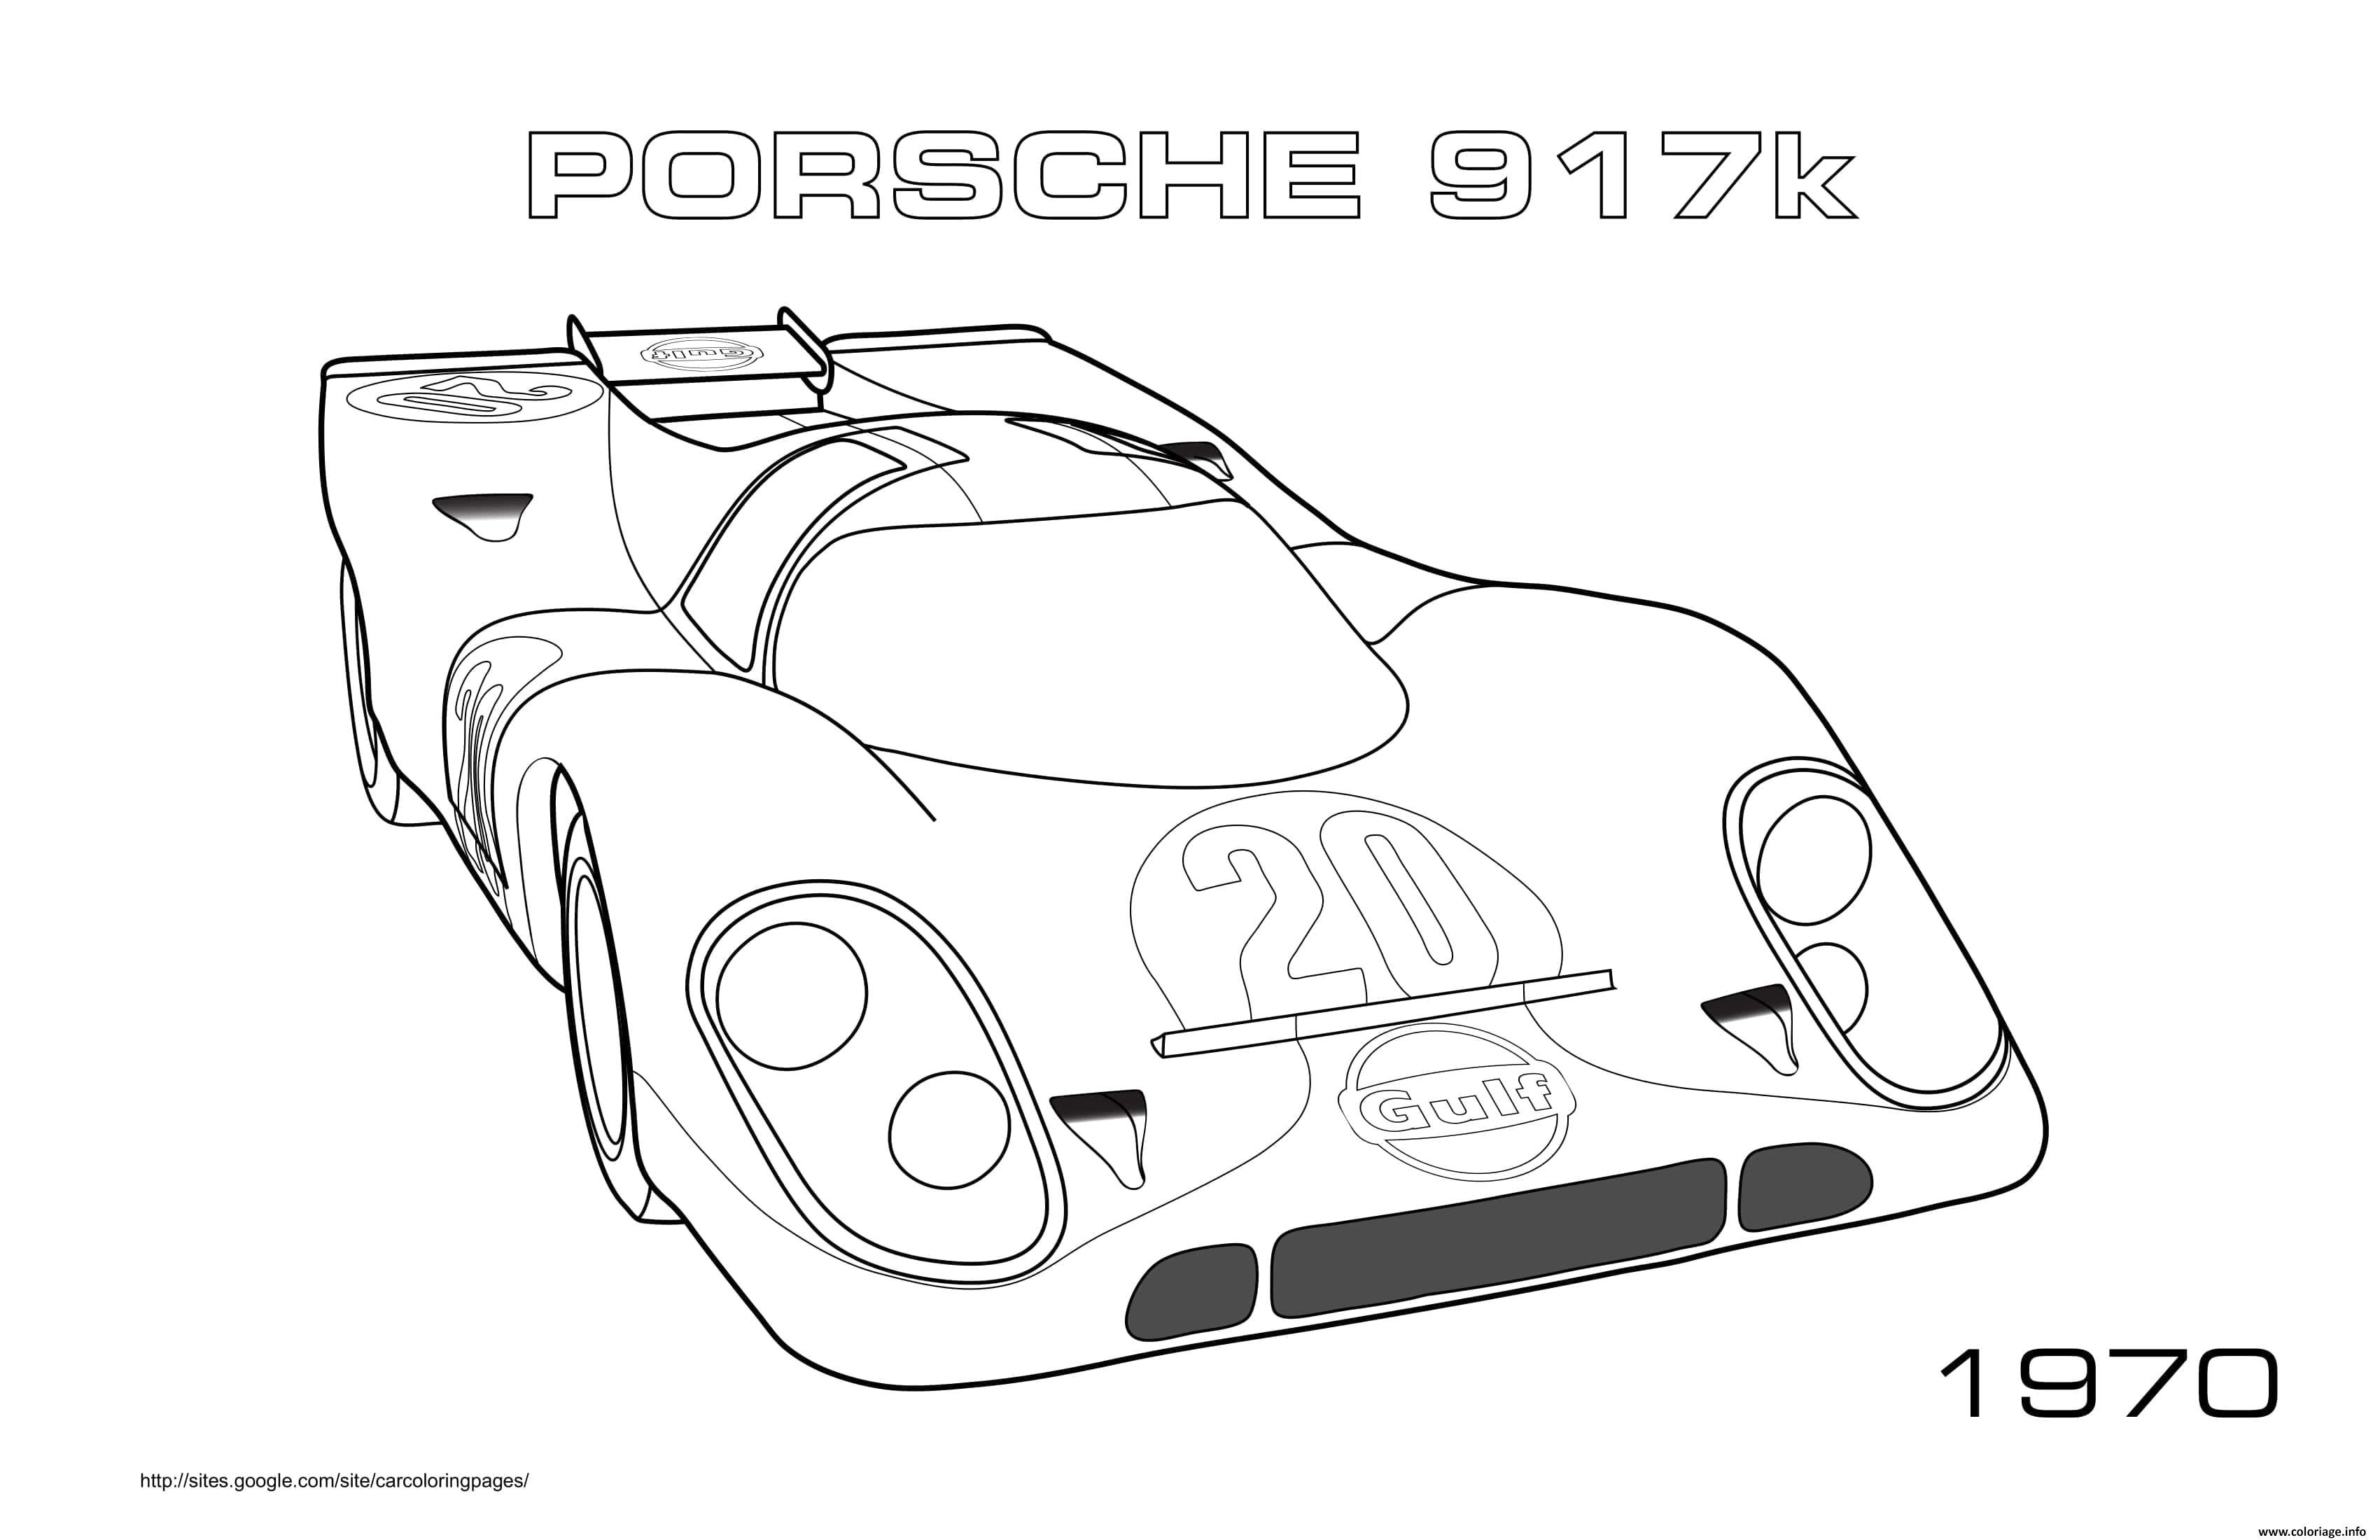 Dessin Porche 917k 1970 Coloriage Gratuit à Imprimer